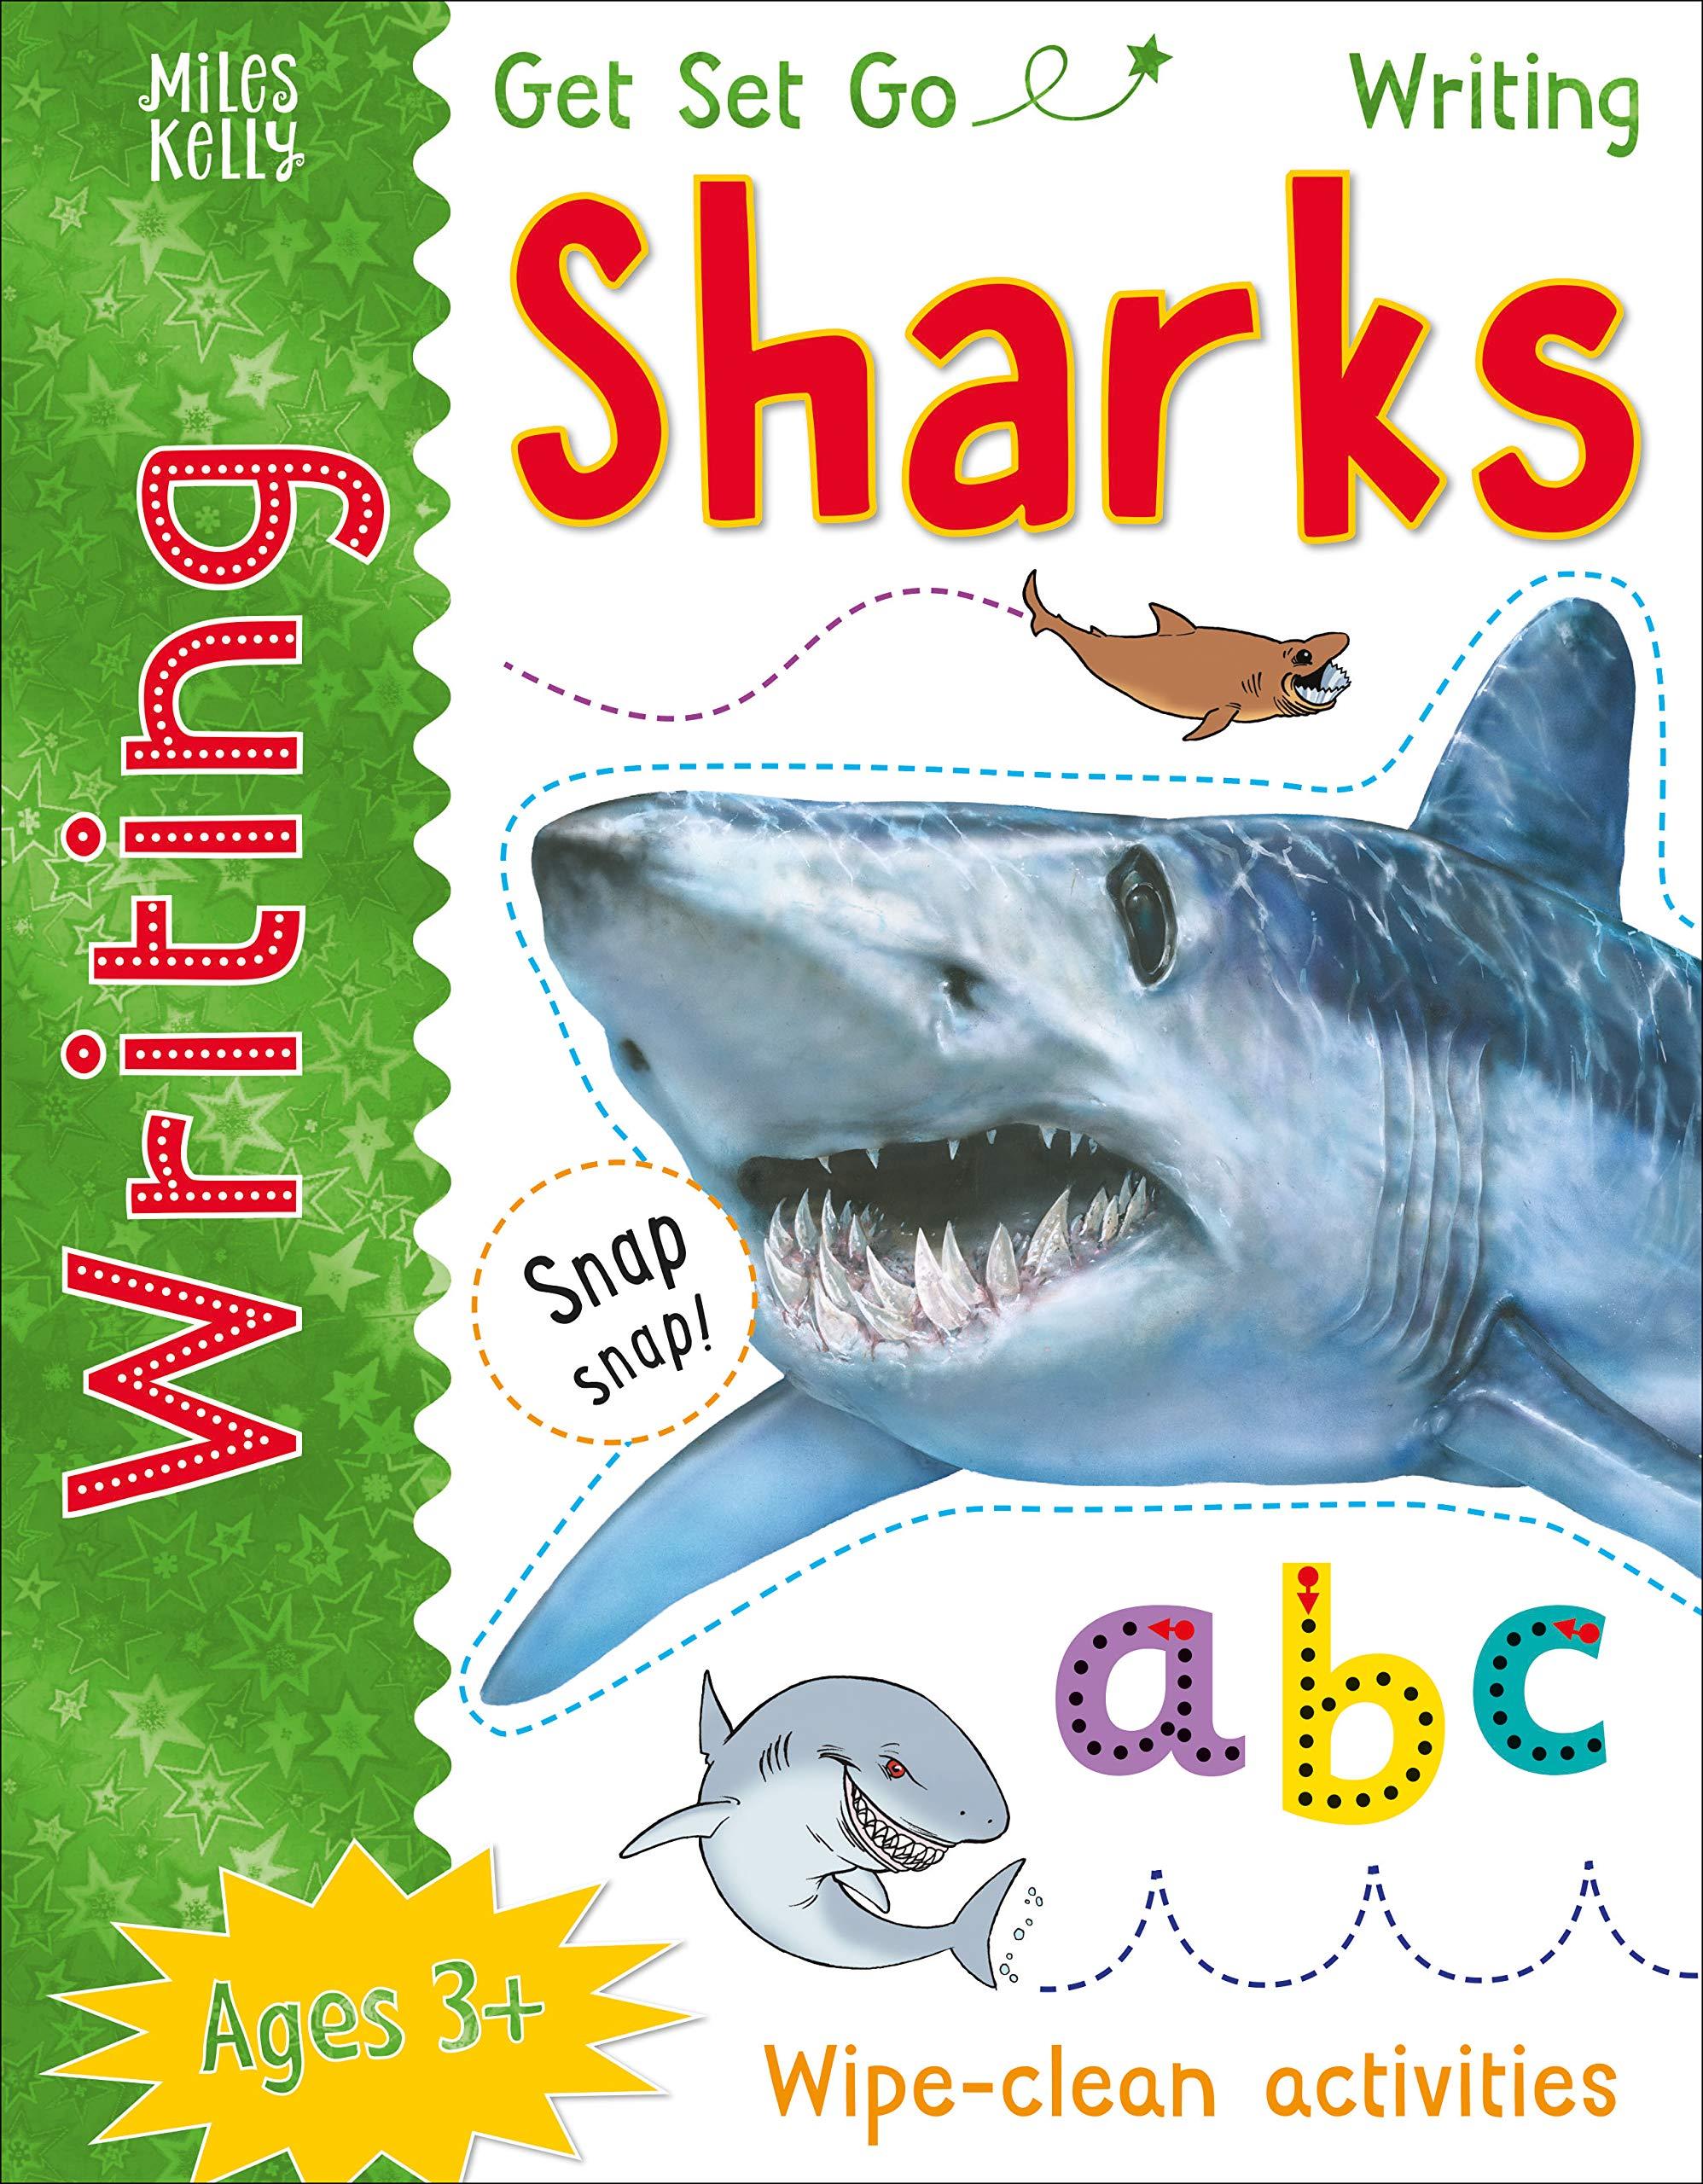 GSG WRITING SHARKS (GET SET GO WRITING)